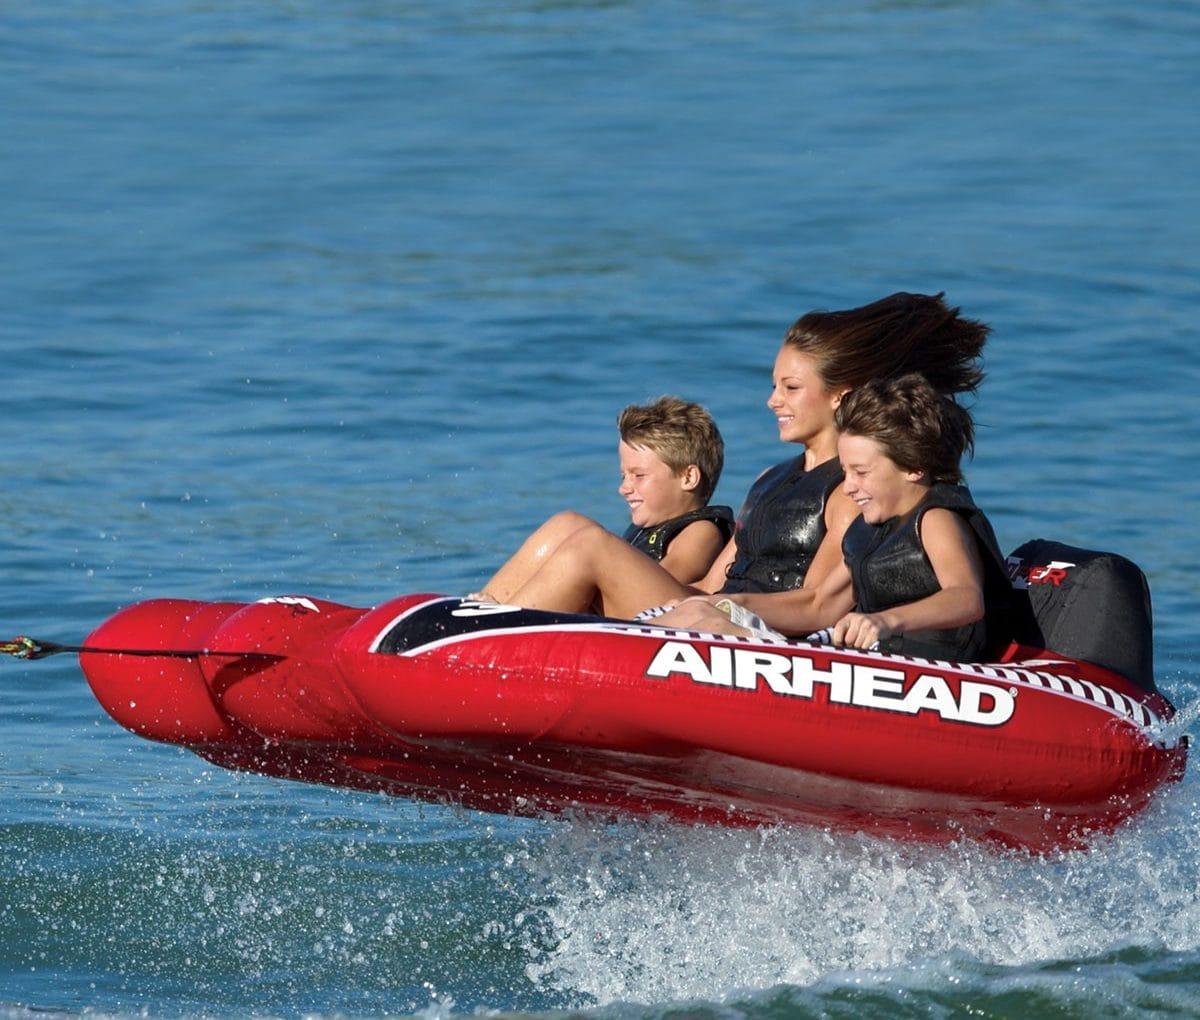 Water-sport (Air Head)